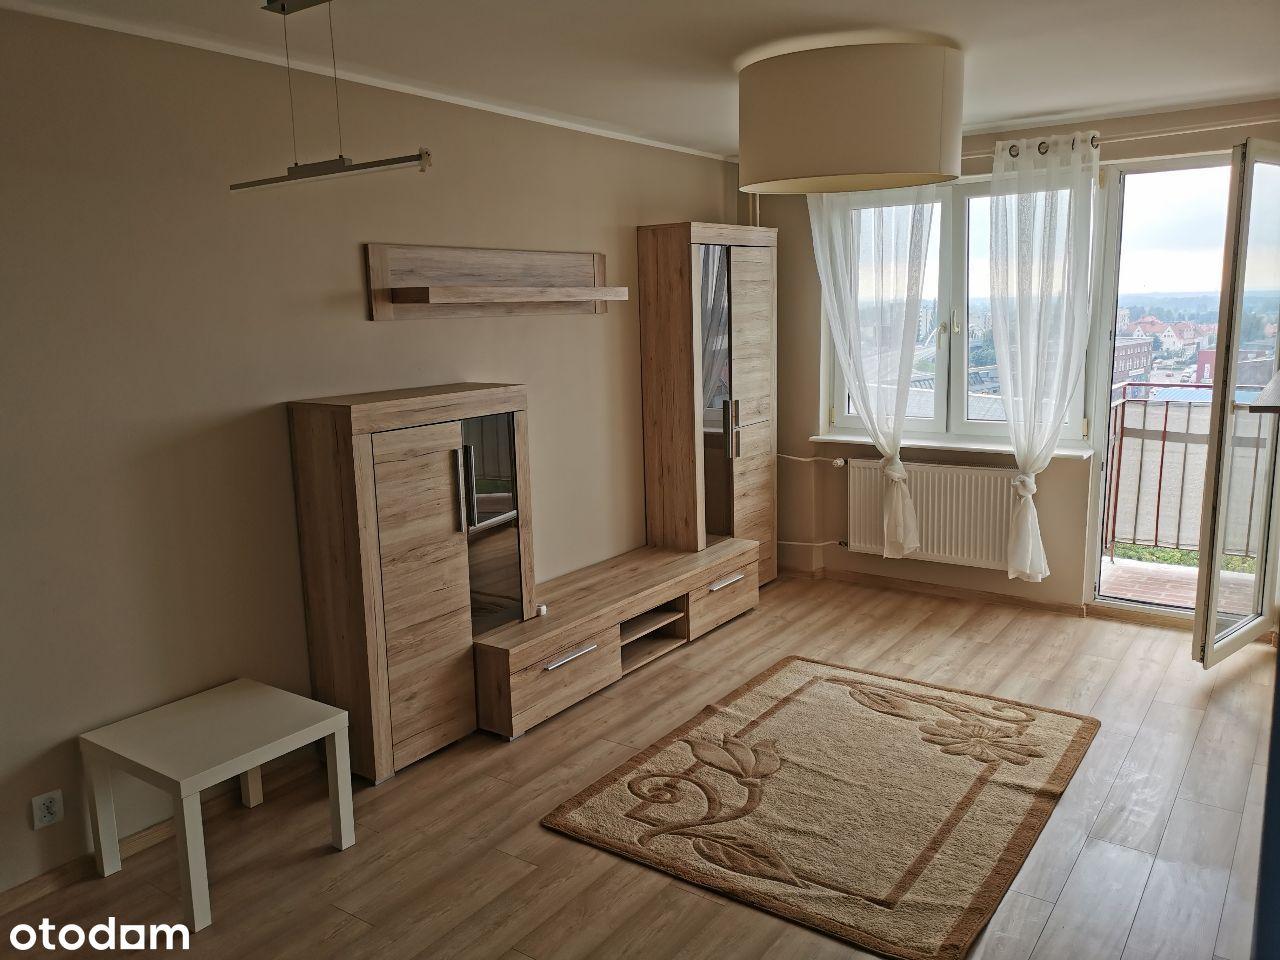 Mieszkanie 2 pokoje REZERWACJA DO 30.10.2021